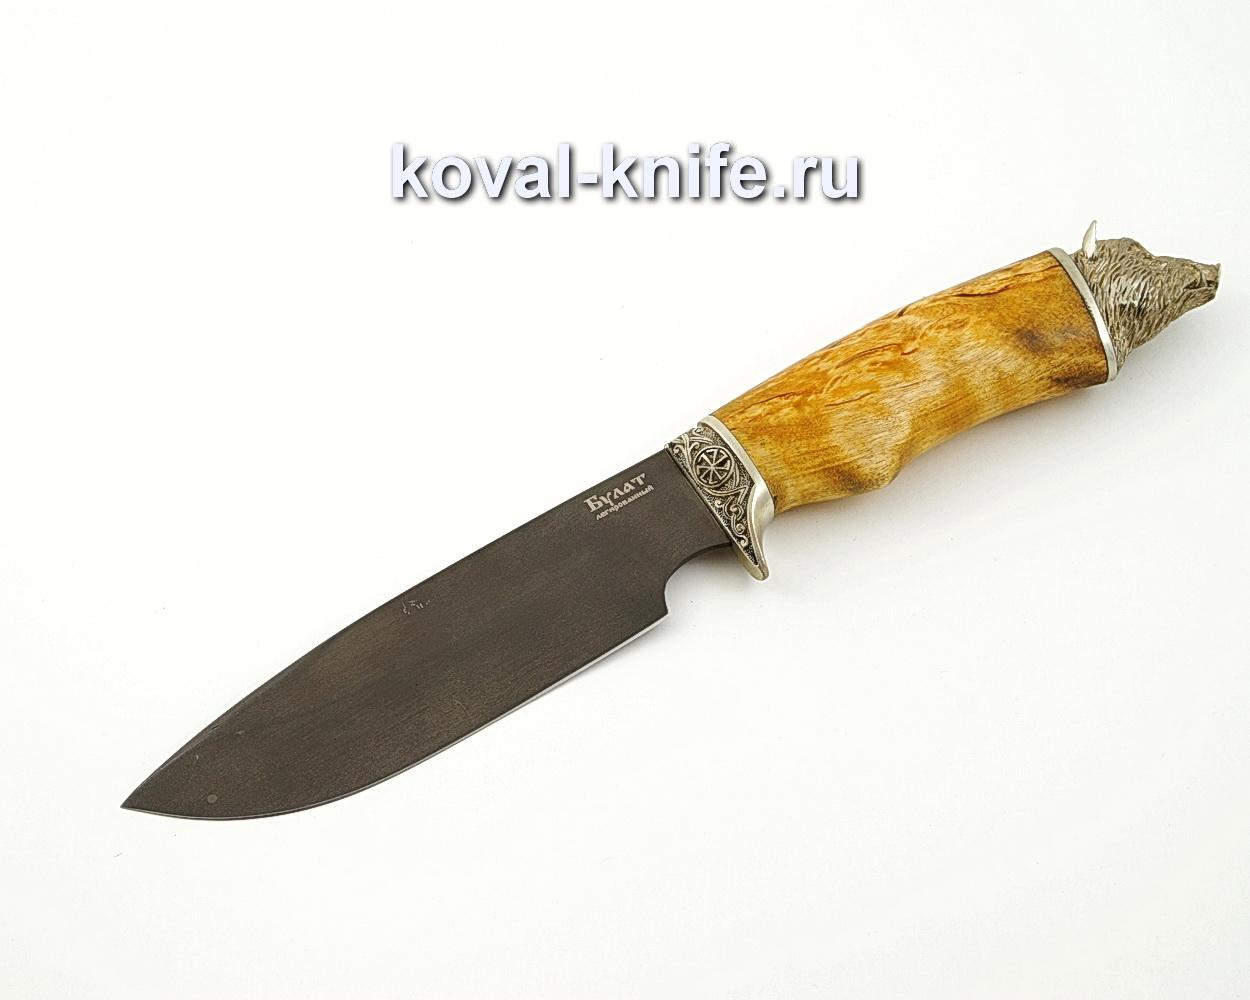 Нож Барс из булатной стали с рукоятью из стабилизированной карельской березы и литьем из мельхиора A584